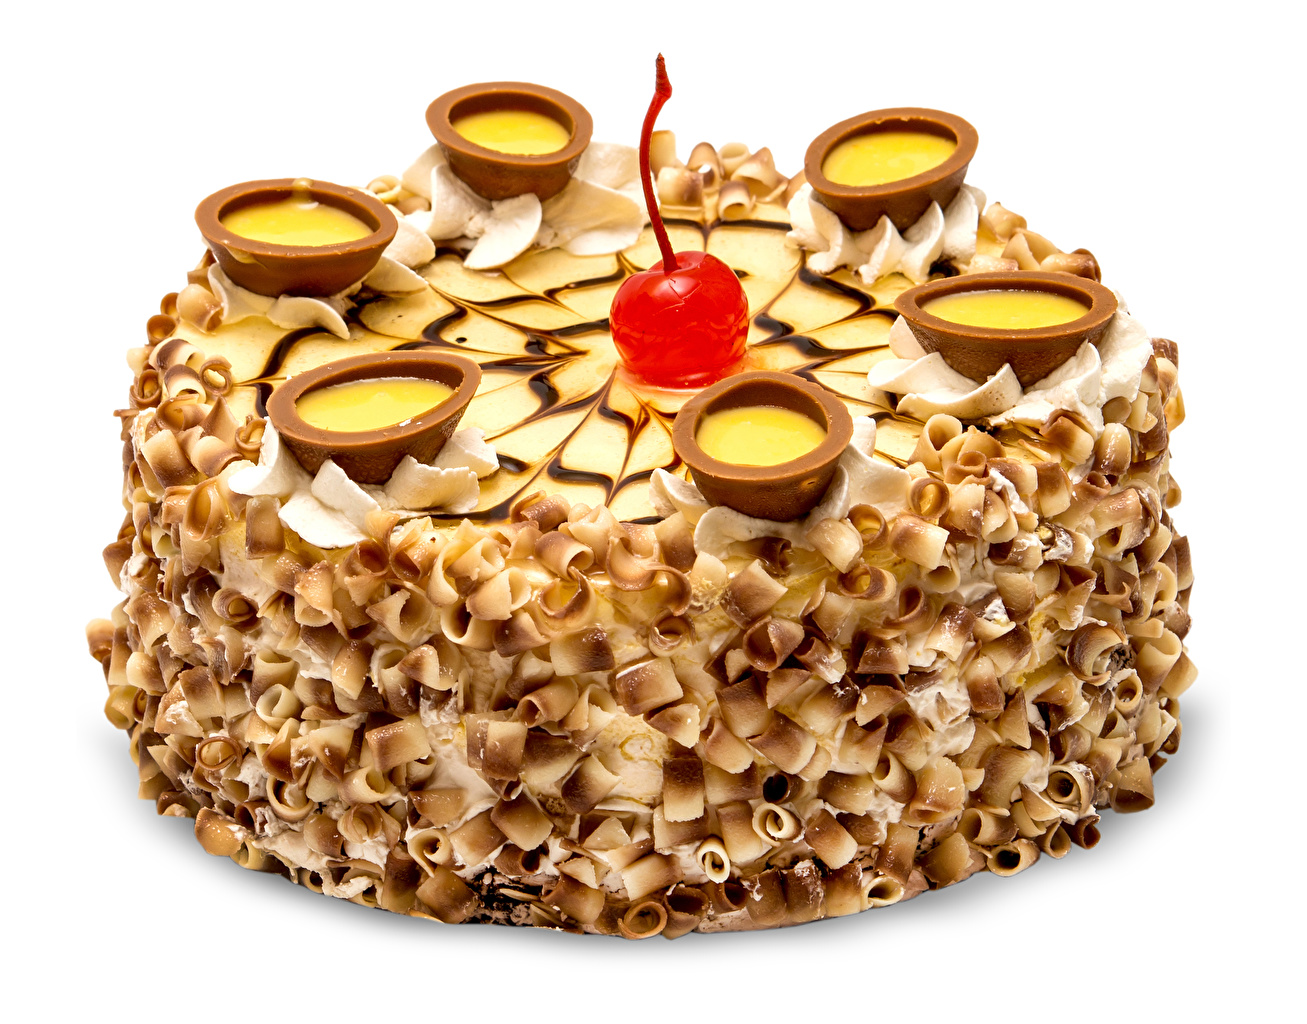 Фото Торты Черешня Пища Белый фон сладкая еда Дизайн Вишня Еда Продукты питания Сладости белом фоне белым фоном дизайна